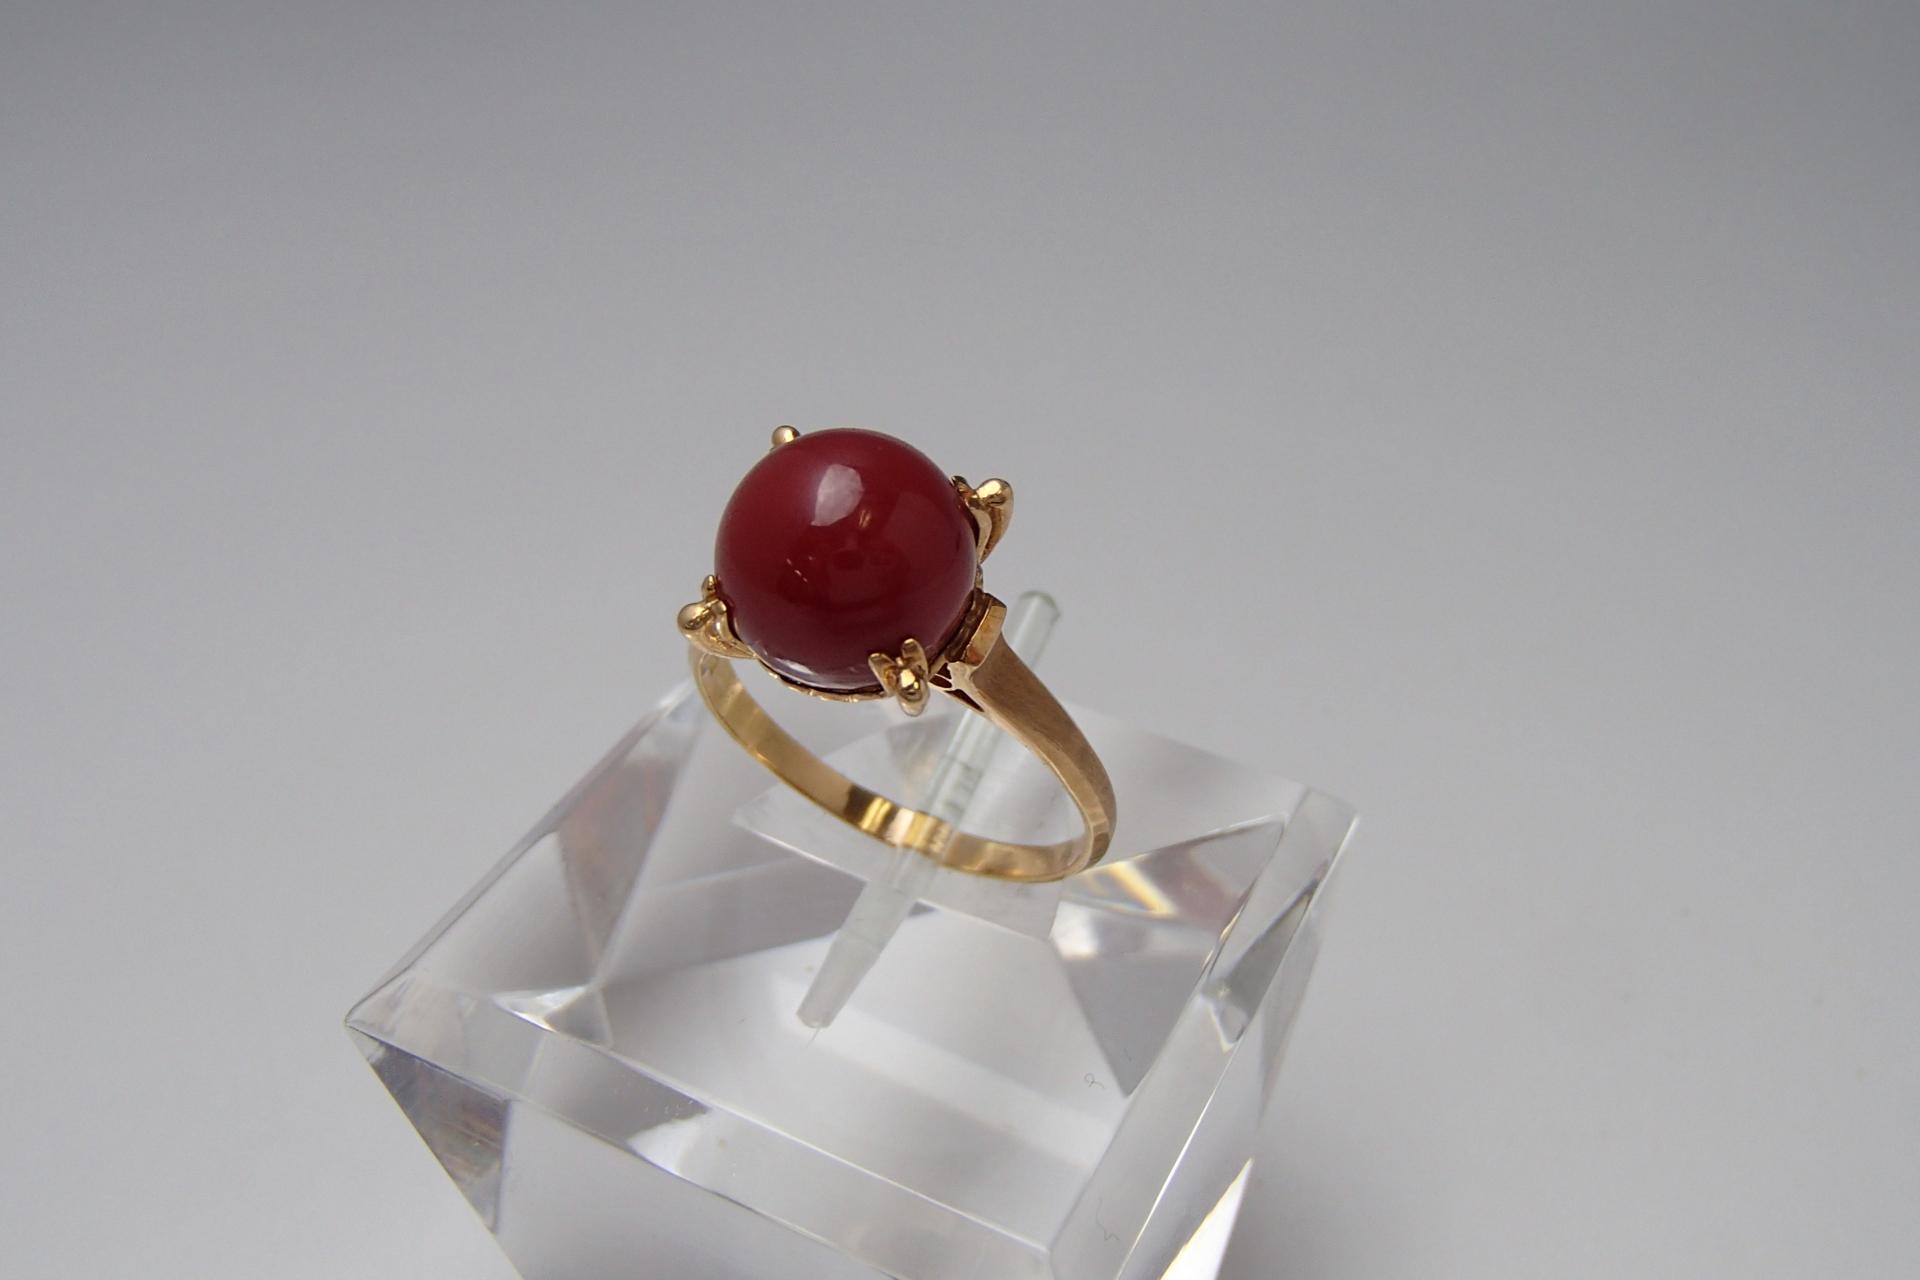 最安価格1万台。買うなら生きた宝石、赤珊瑚の指輪